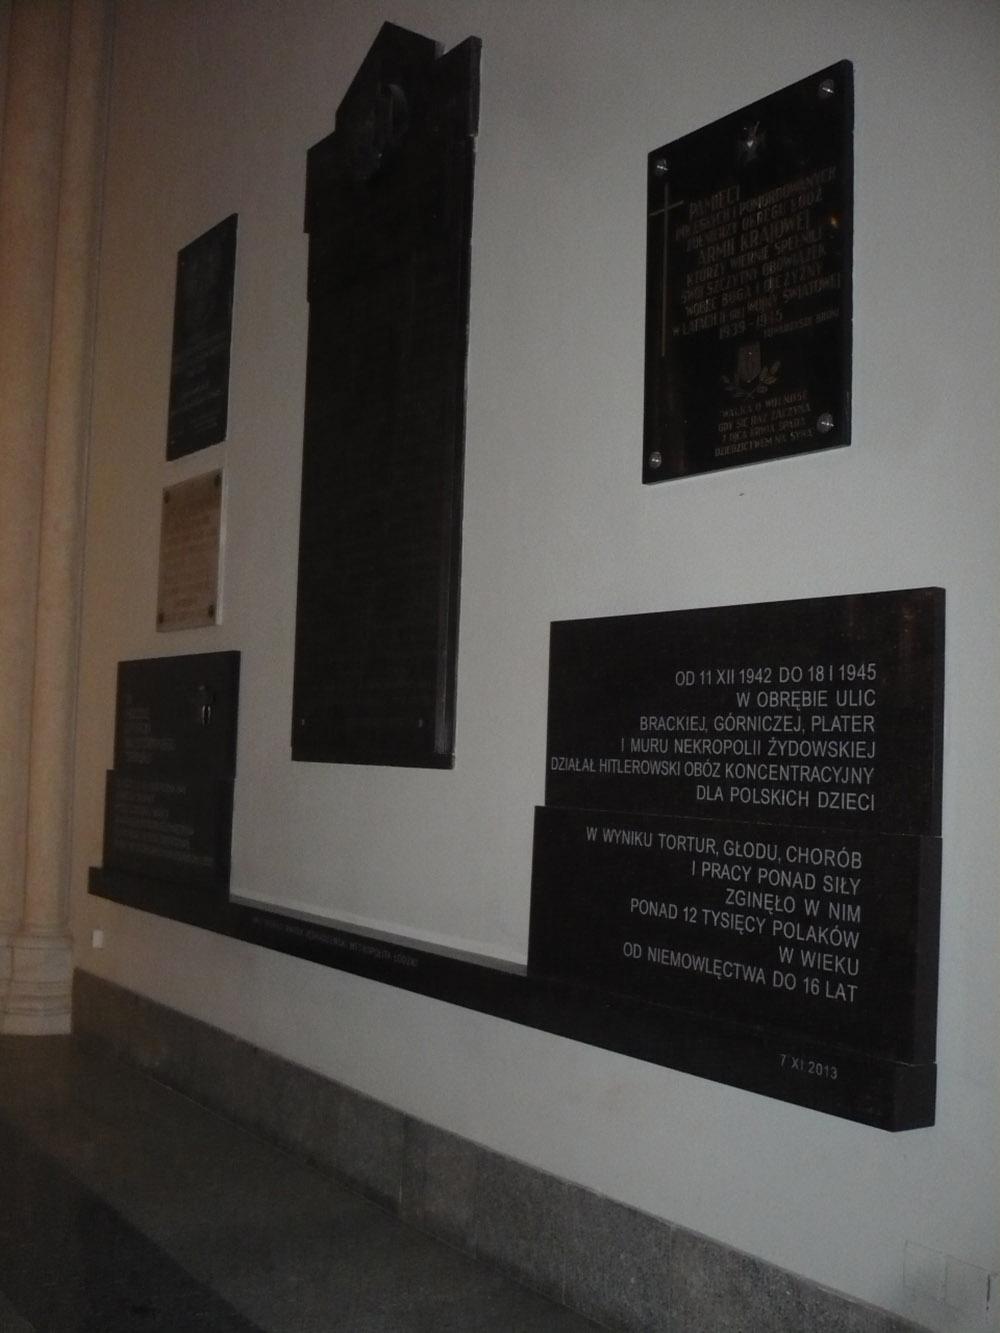 Plaques Bazylika archikatedralna św. Stanisława Kostki